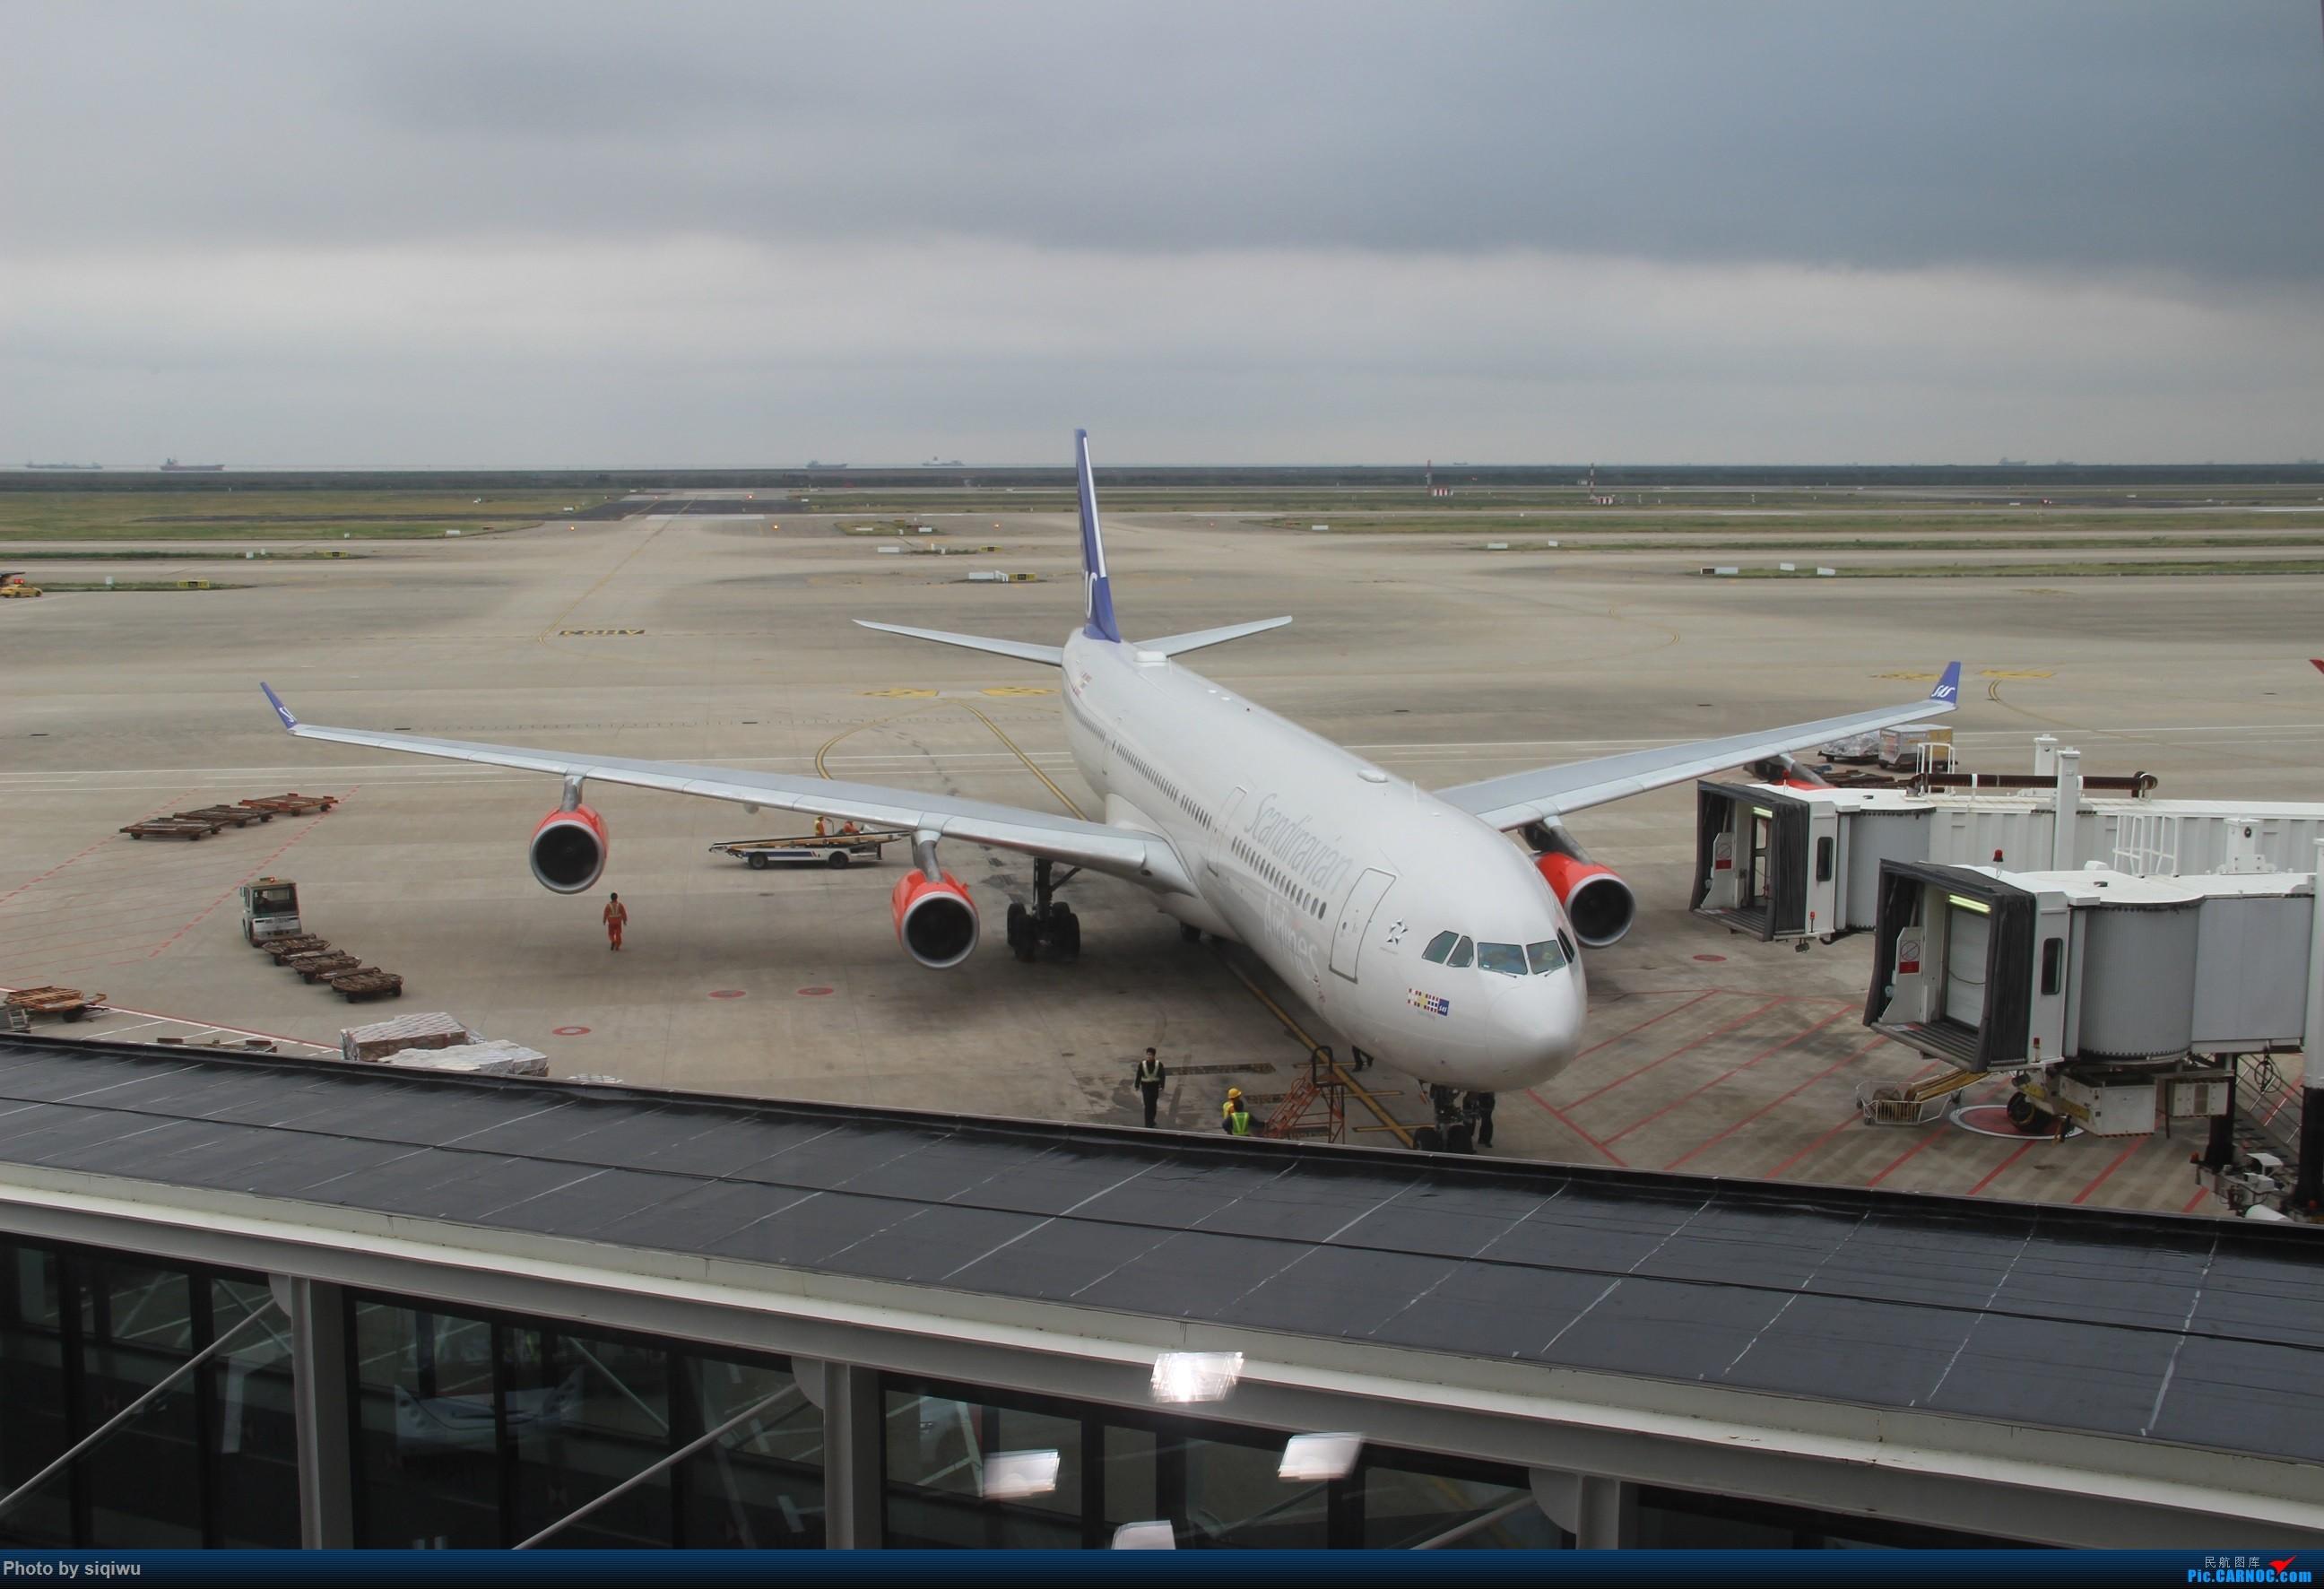 Re:[原创]PVG-HKG-KUL-HKG-PVG 四天往返,CX/KA AIRBUS A340-300  中国上海浦东国际机场